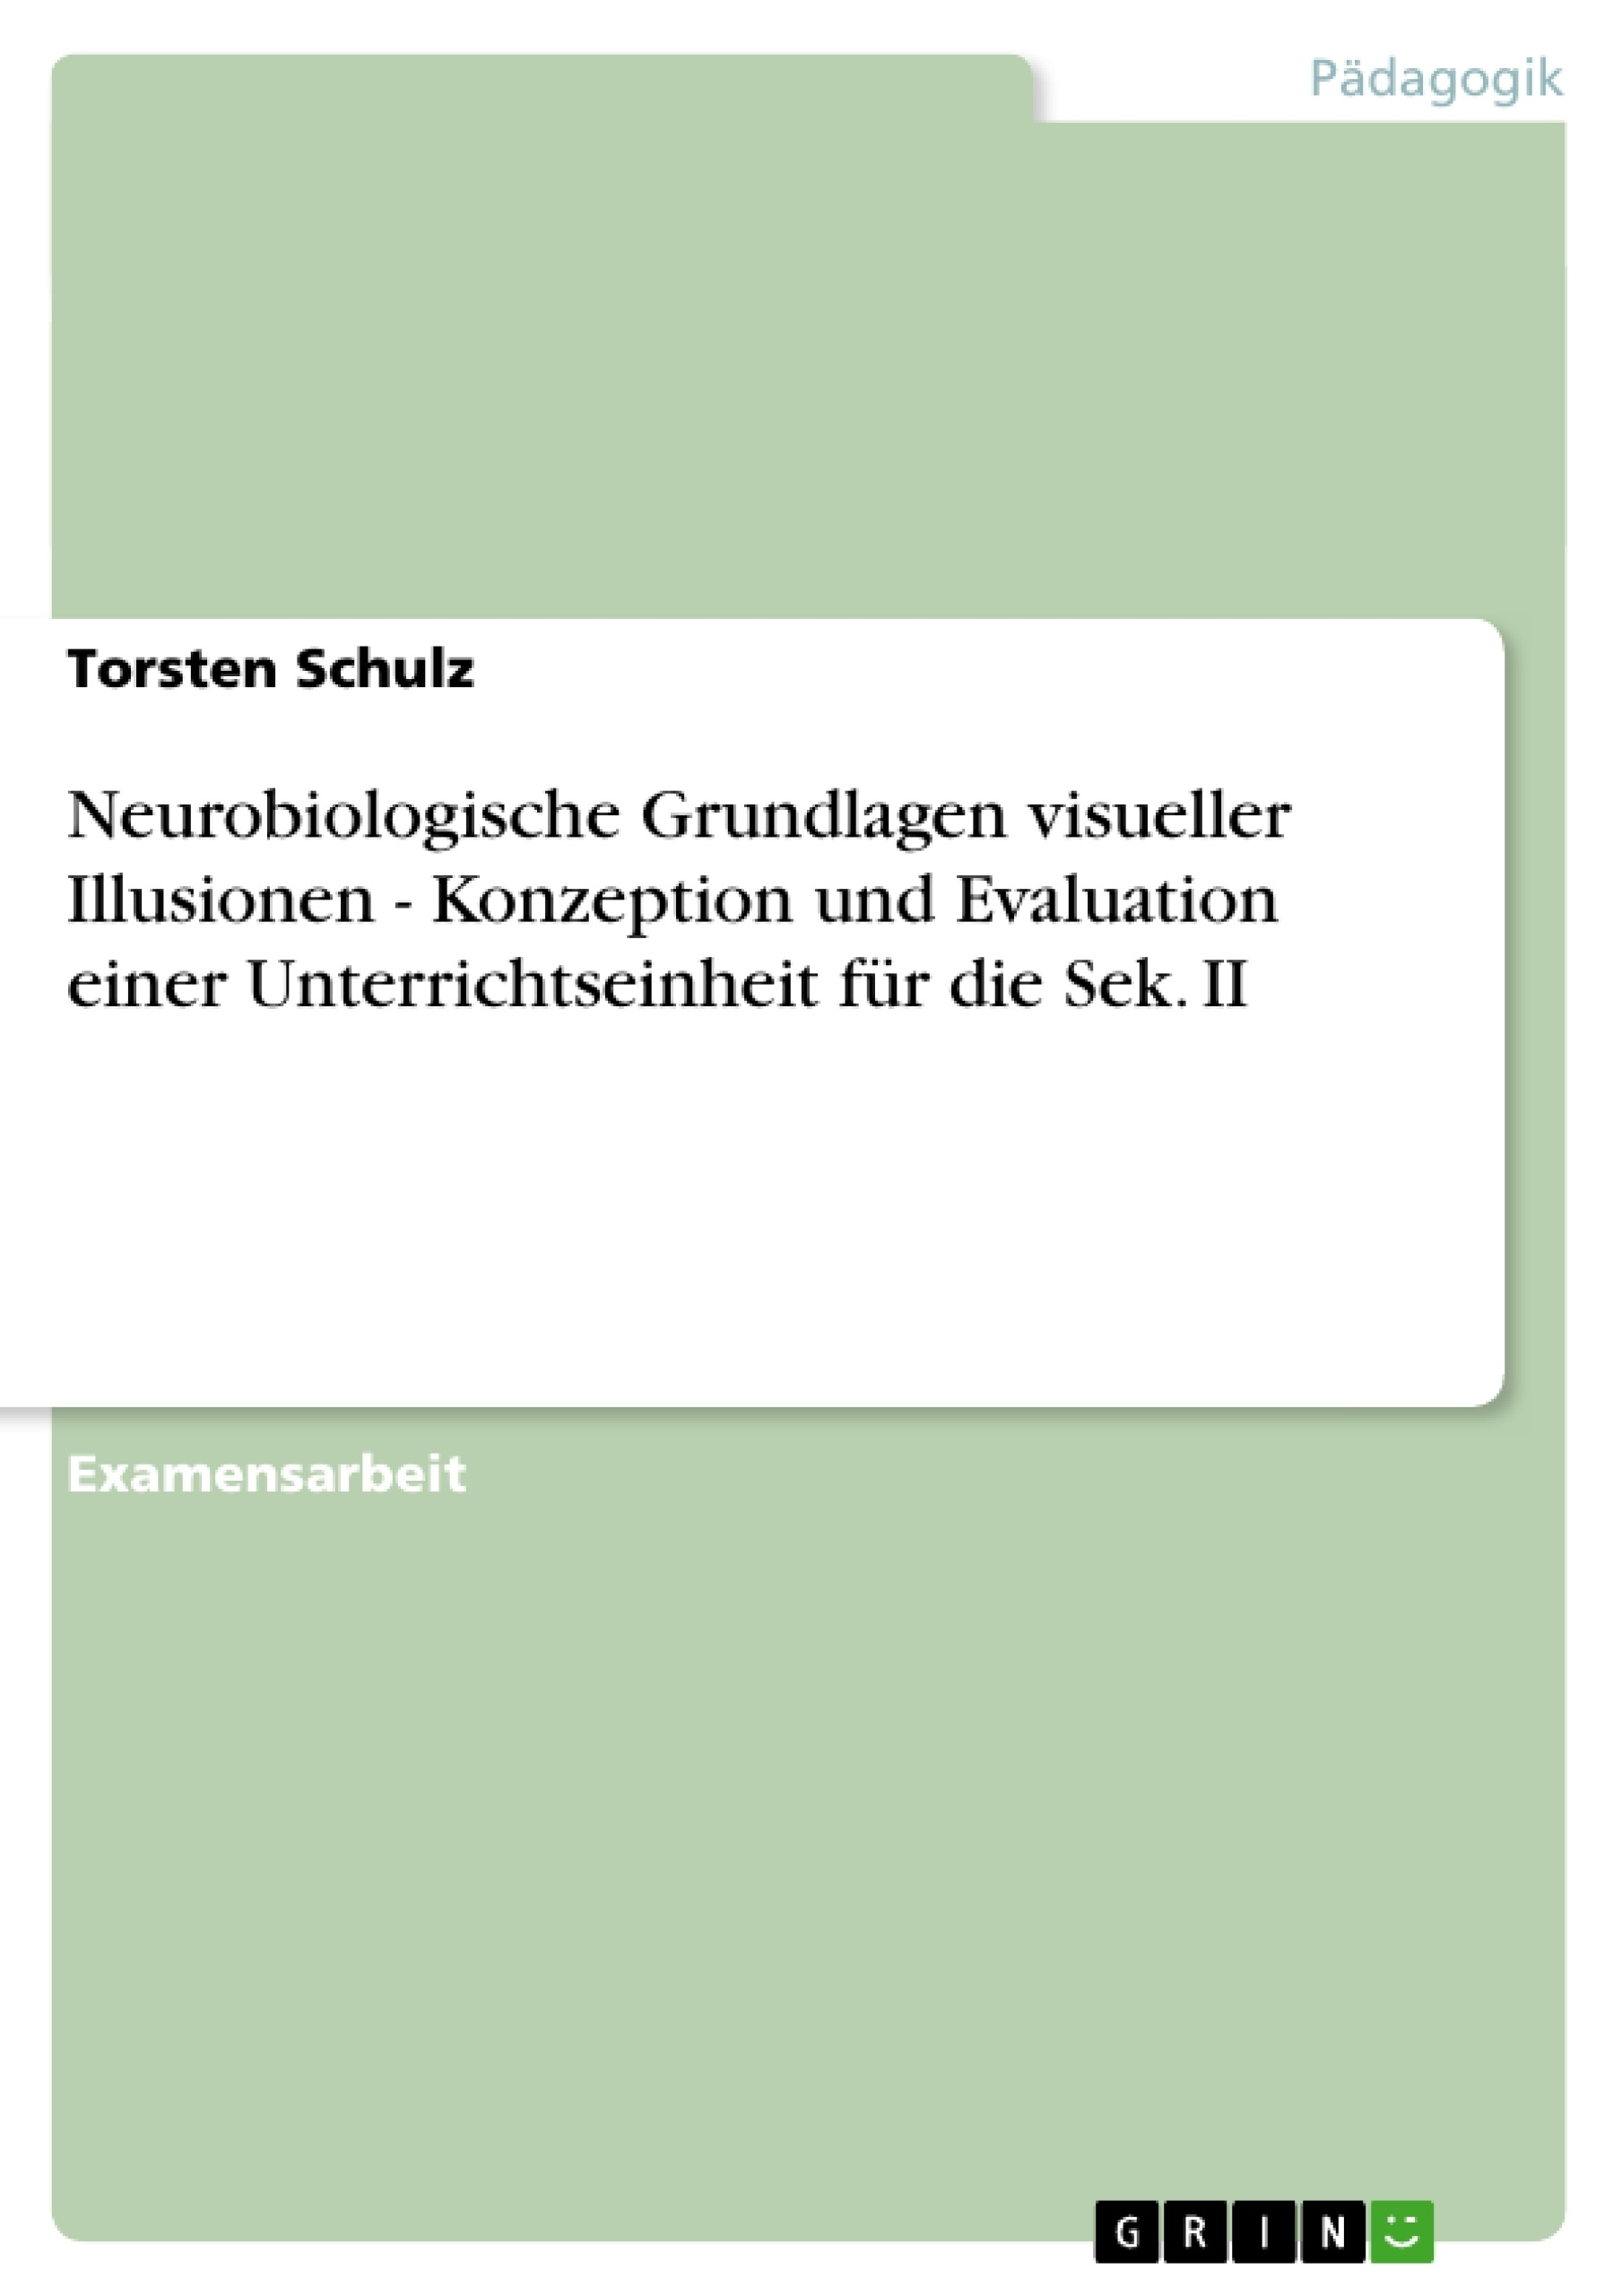 Titel: Neurobiologische Grundlagen visueller Illusionen - Konzeption und Evaluation einer Unterrichtseinheit für die Sek. II